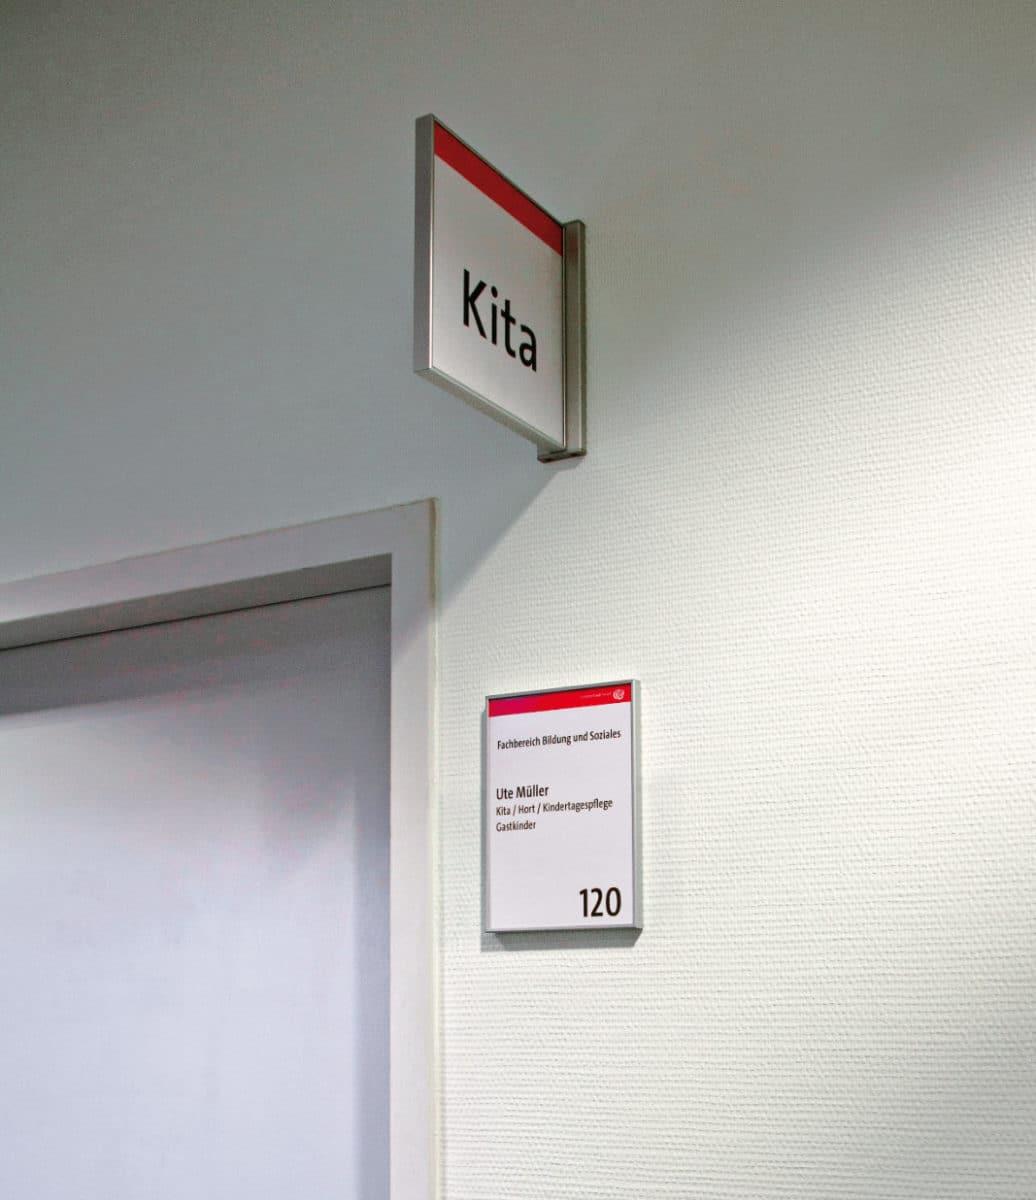 Objektbeschilderung - System 12 Fahnenschild